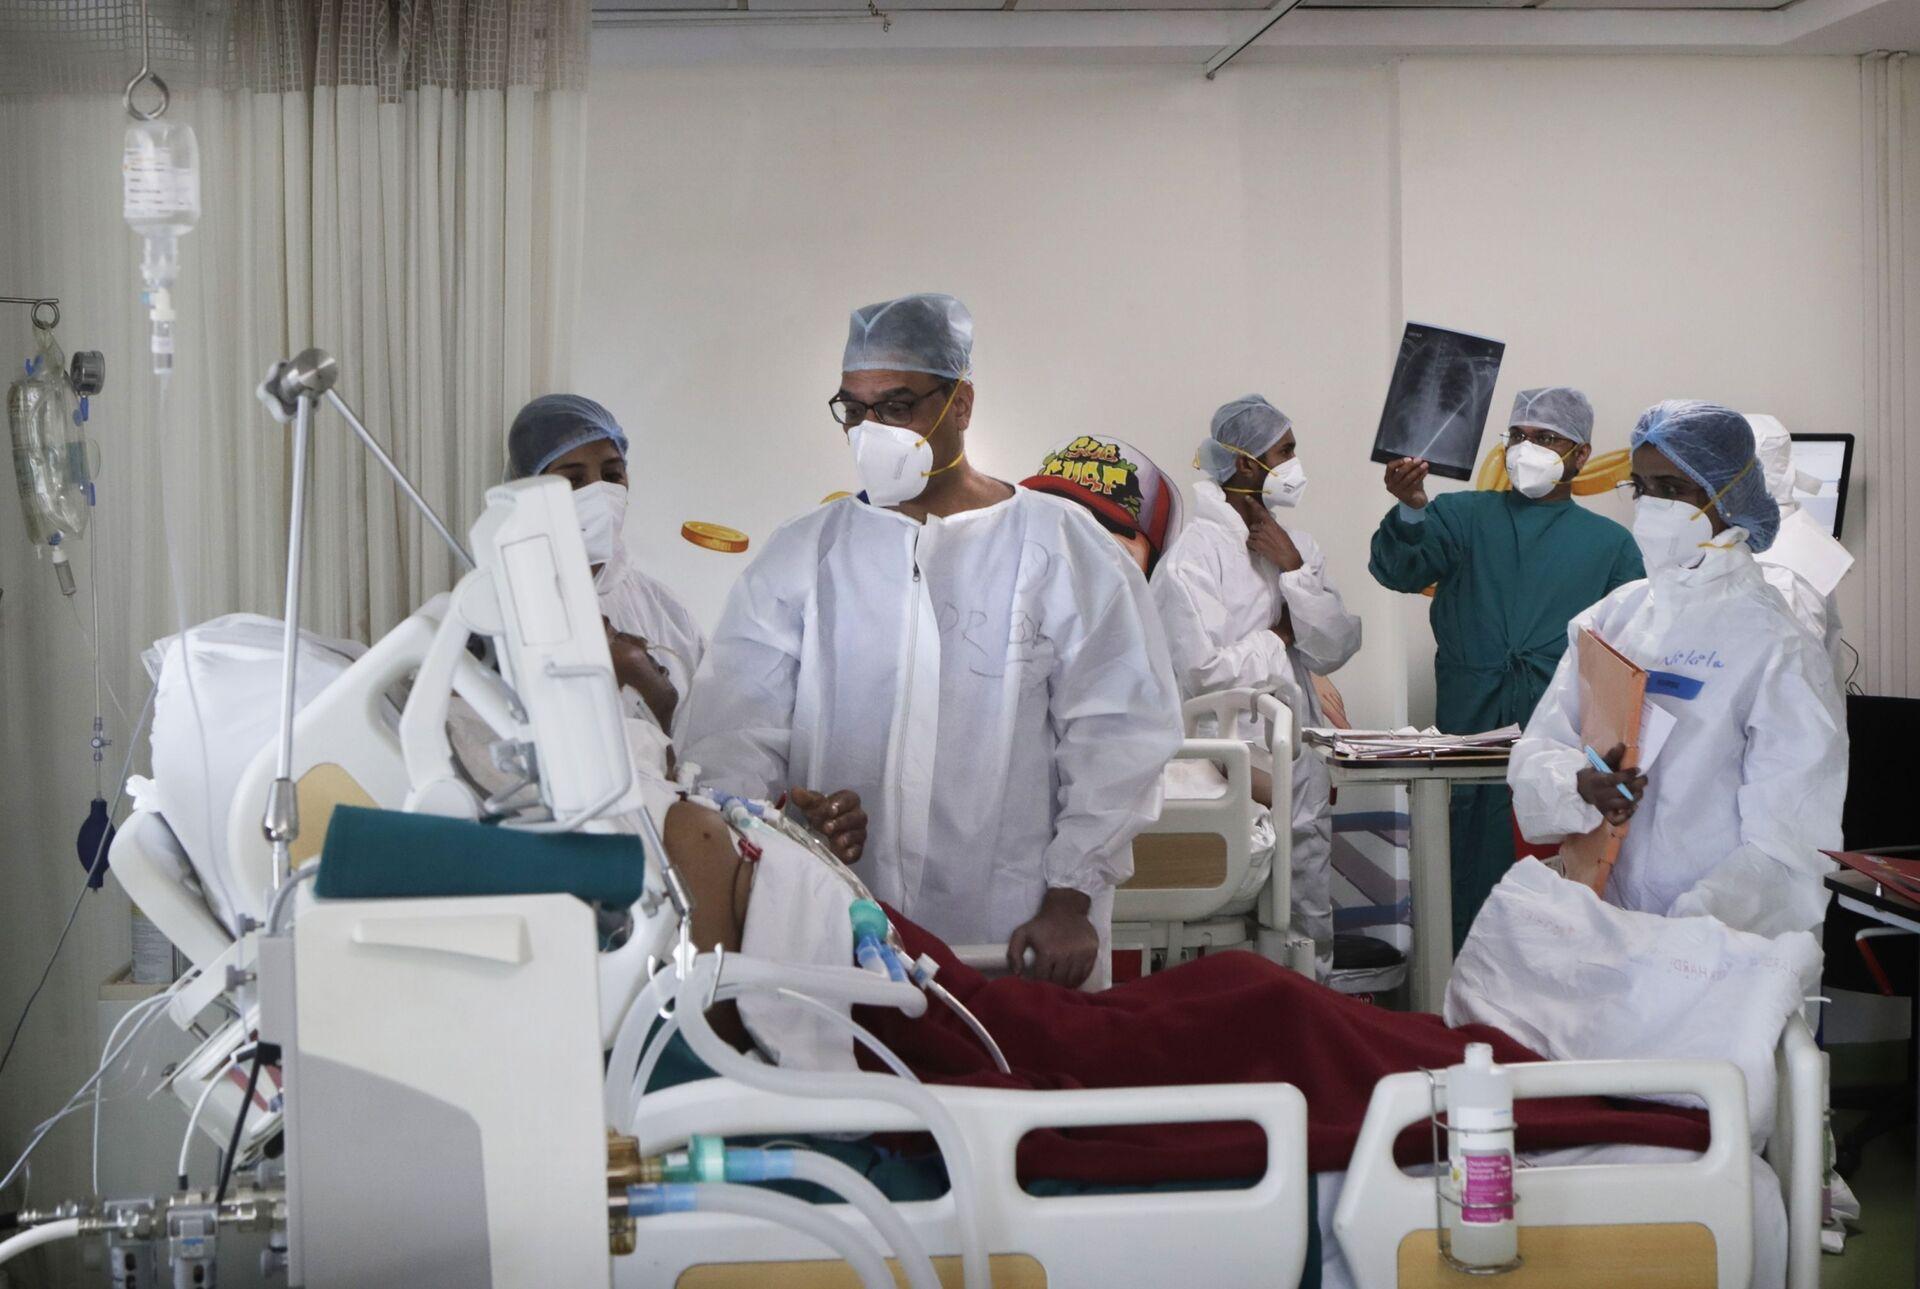 Bác sĩ thăm khám bệnh nhân trong phòng chăm sóc đặc biệt của một bệnh viện ở Mumbai, Ấn Độ - Sputnik Việt Nam, 1920, 05.10.2021